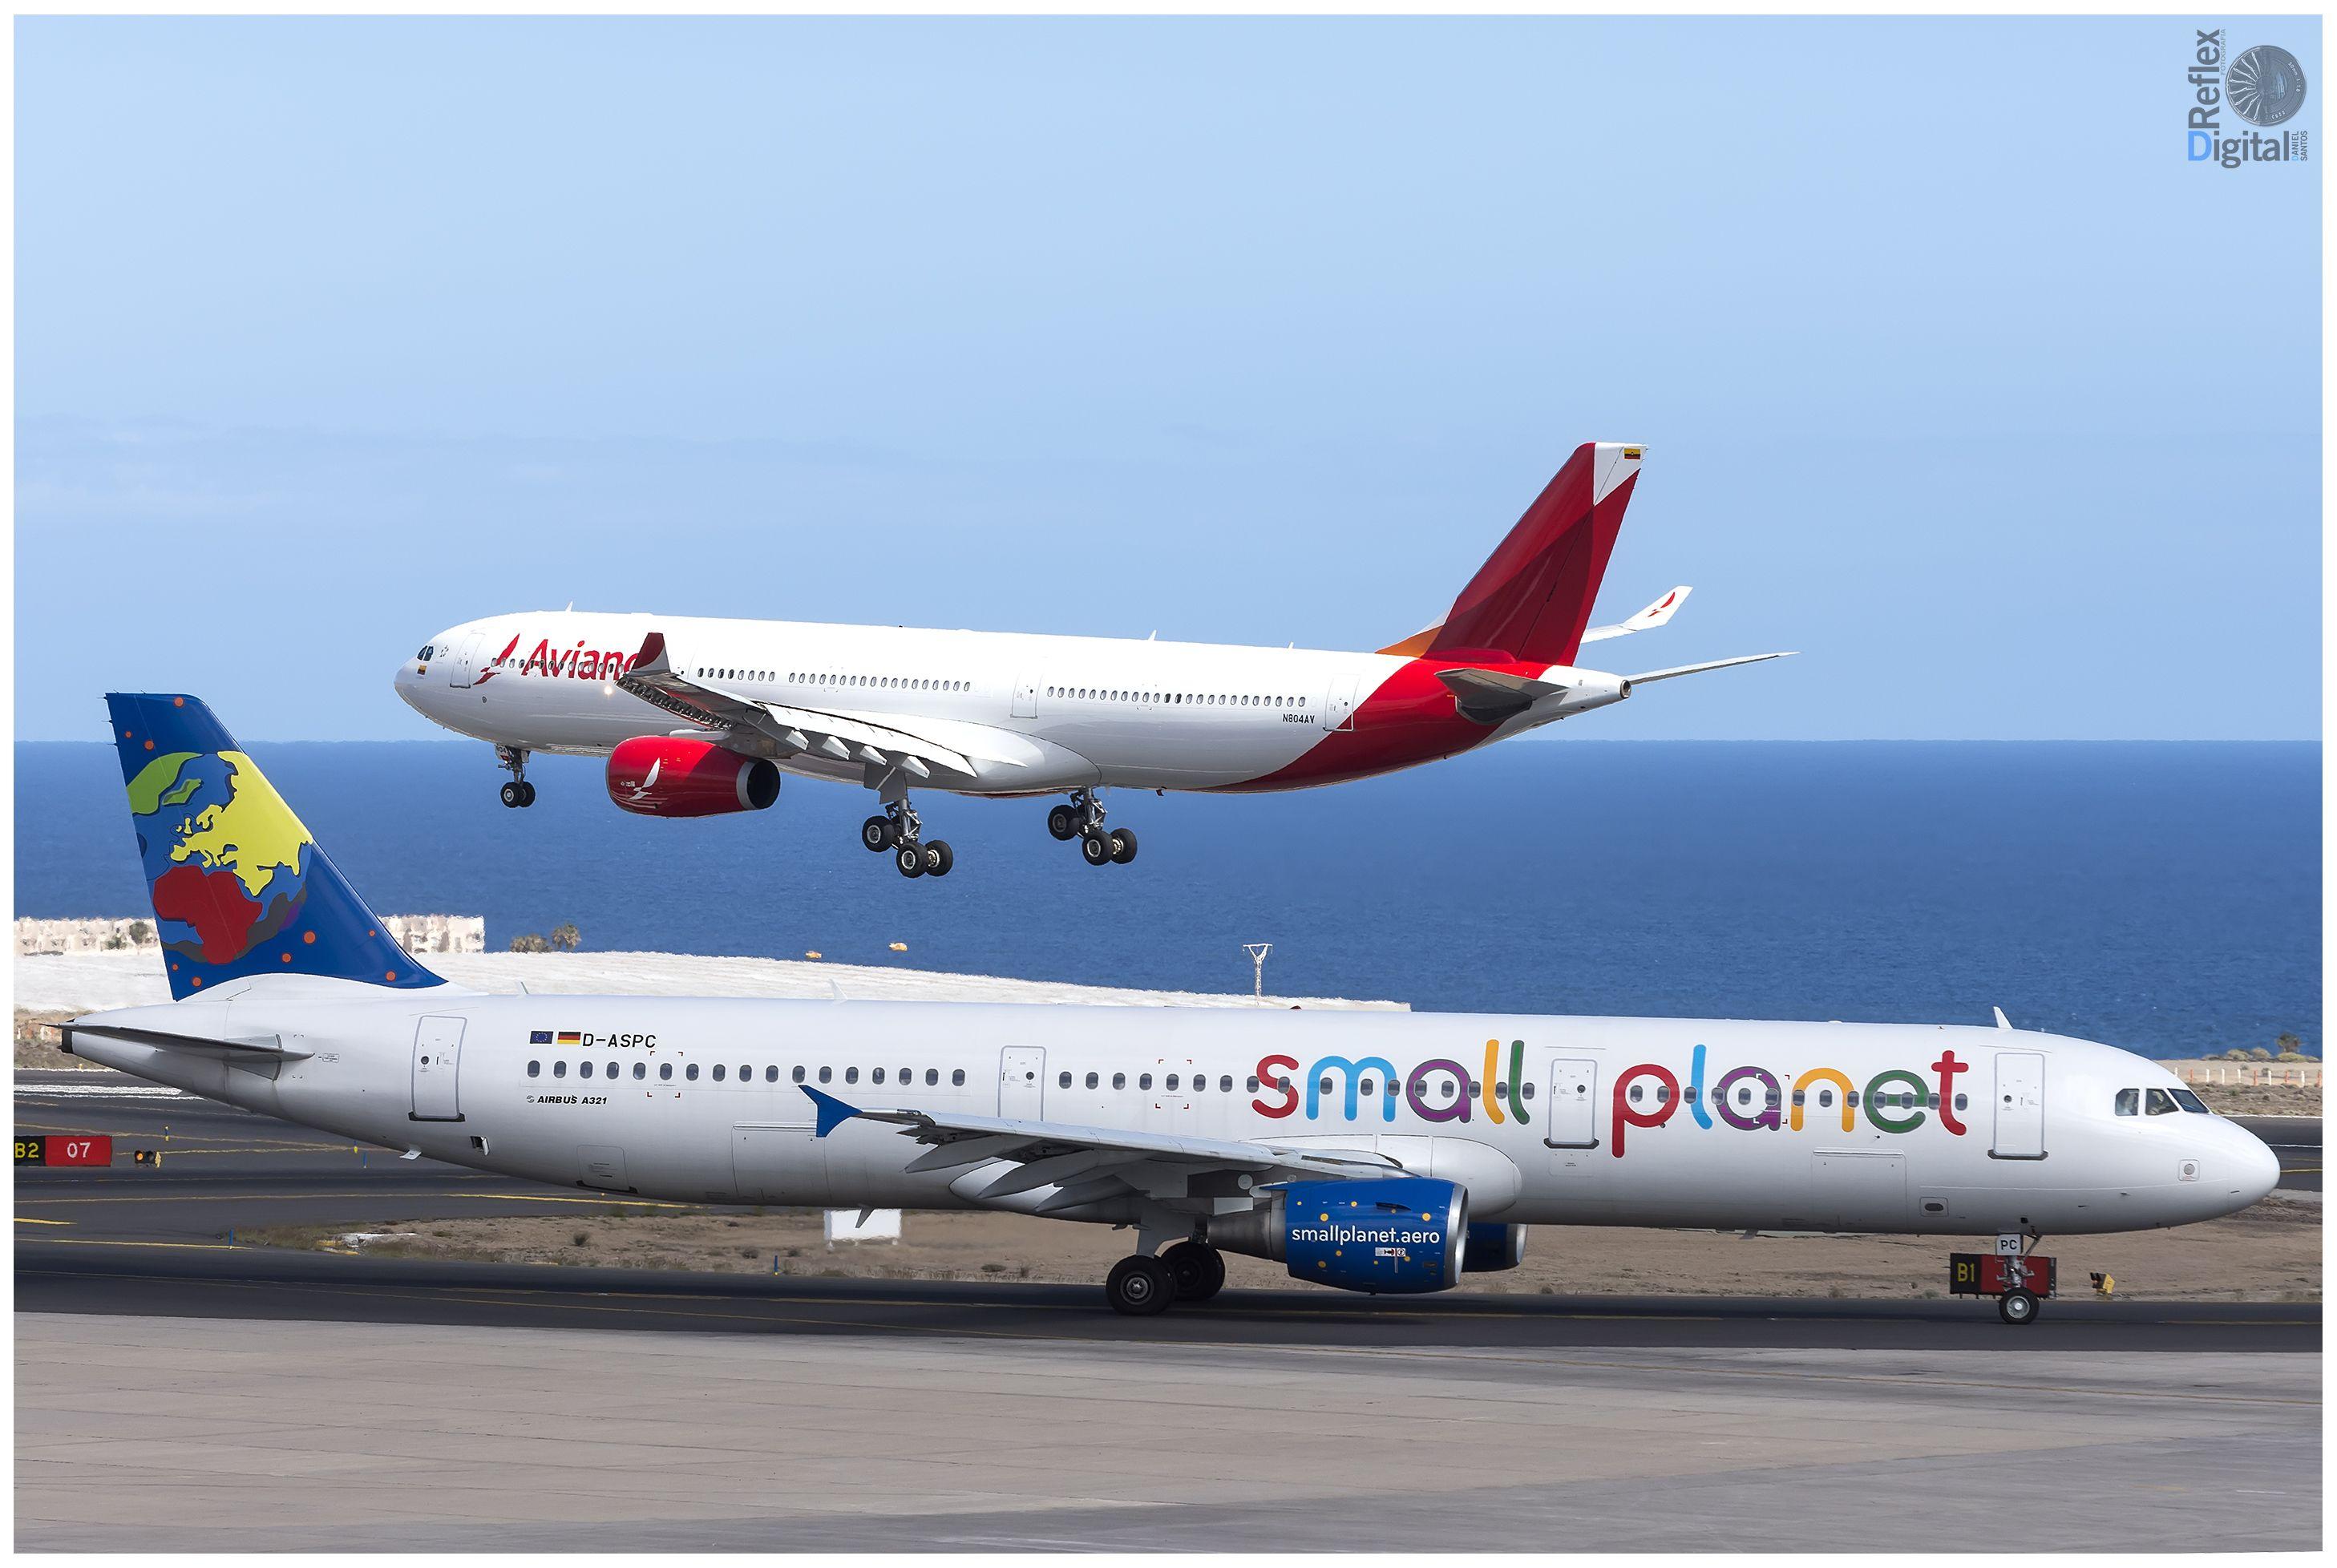 Pin de DReflex Digital Fotgrafía en Remove before flight!